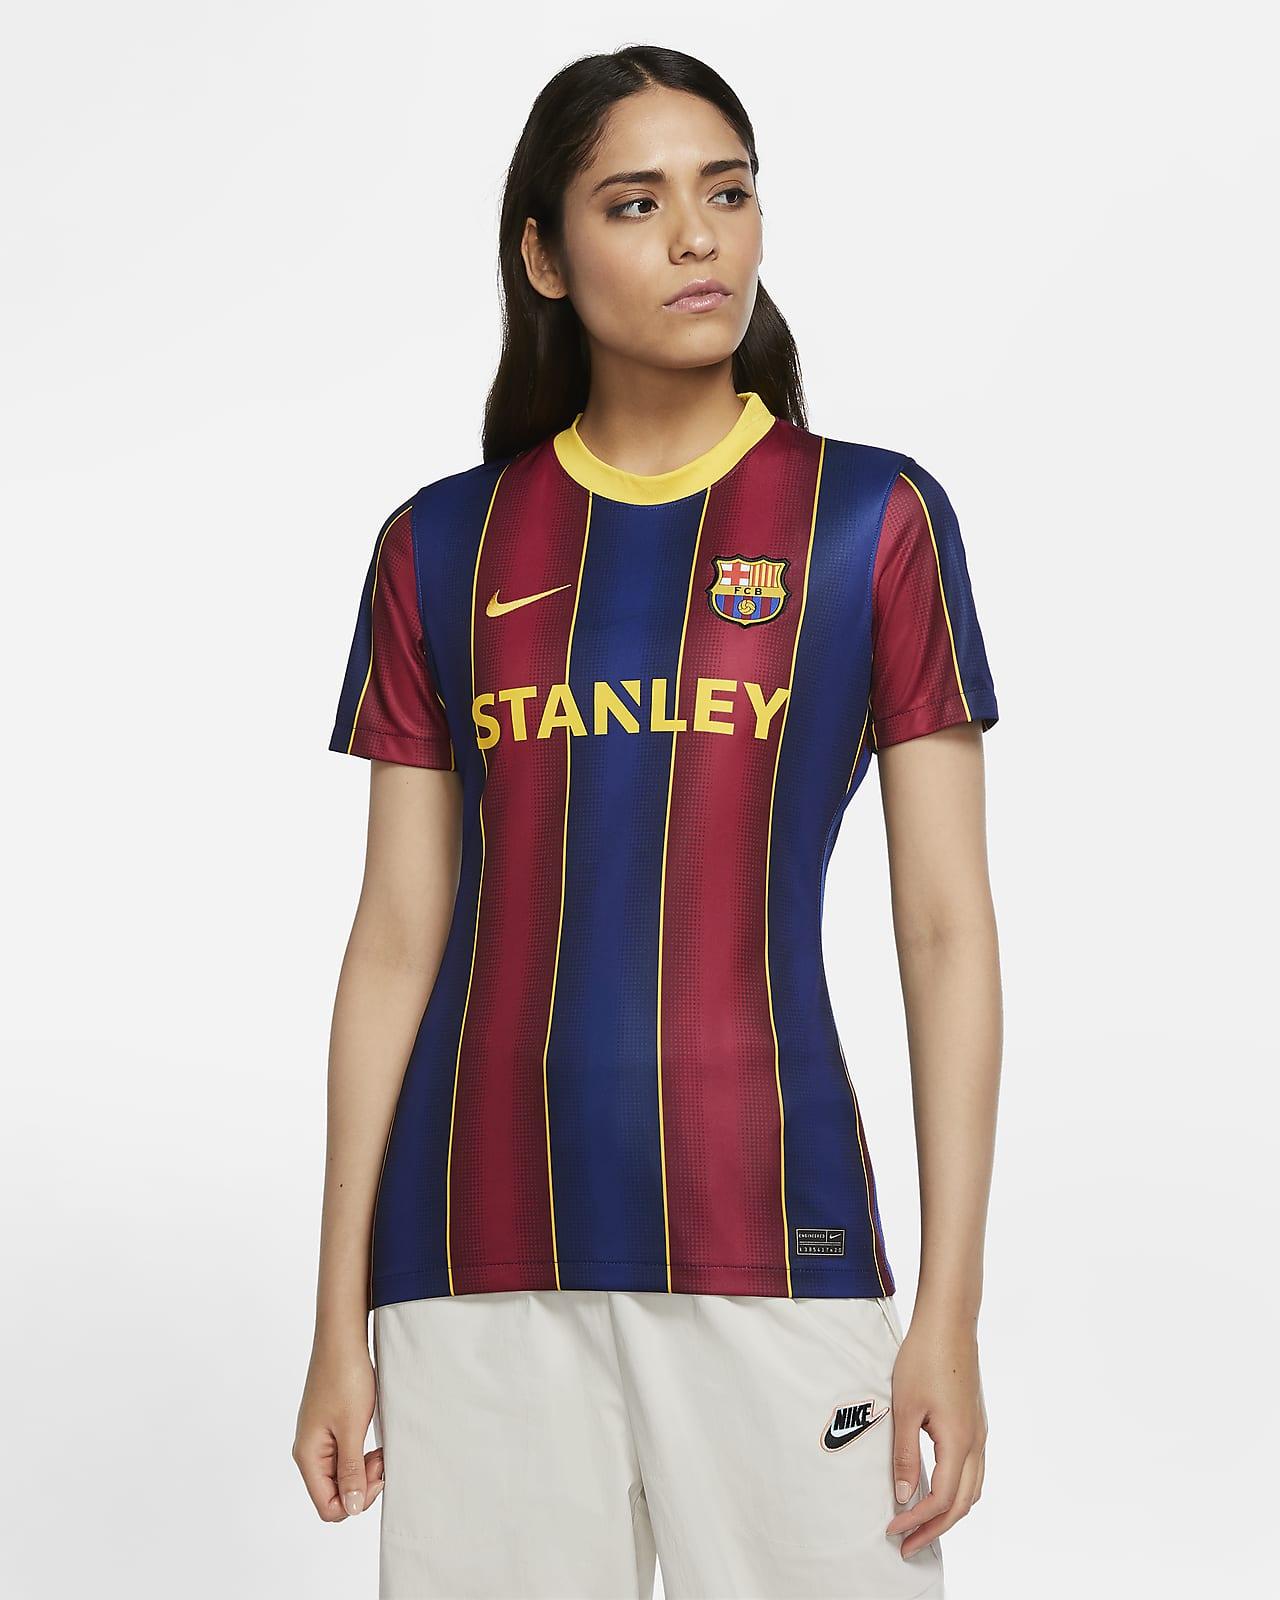 Γυναικεία ποδοσφαιρική φανέλα Μπαρτσελόνα Women 2020/21 Stadium Home